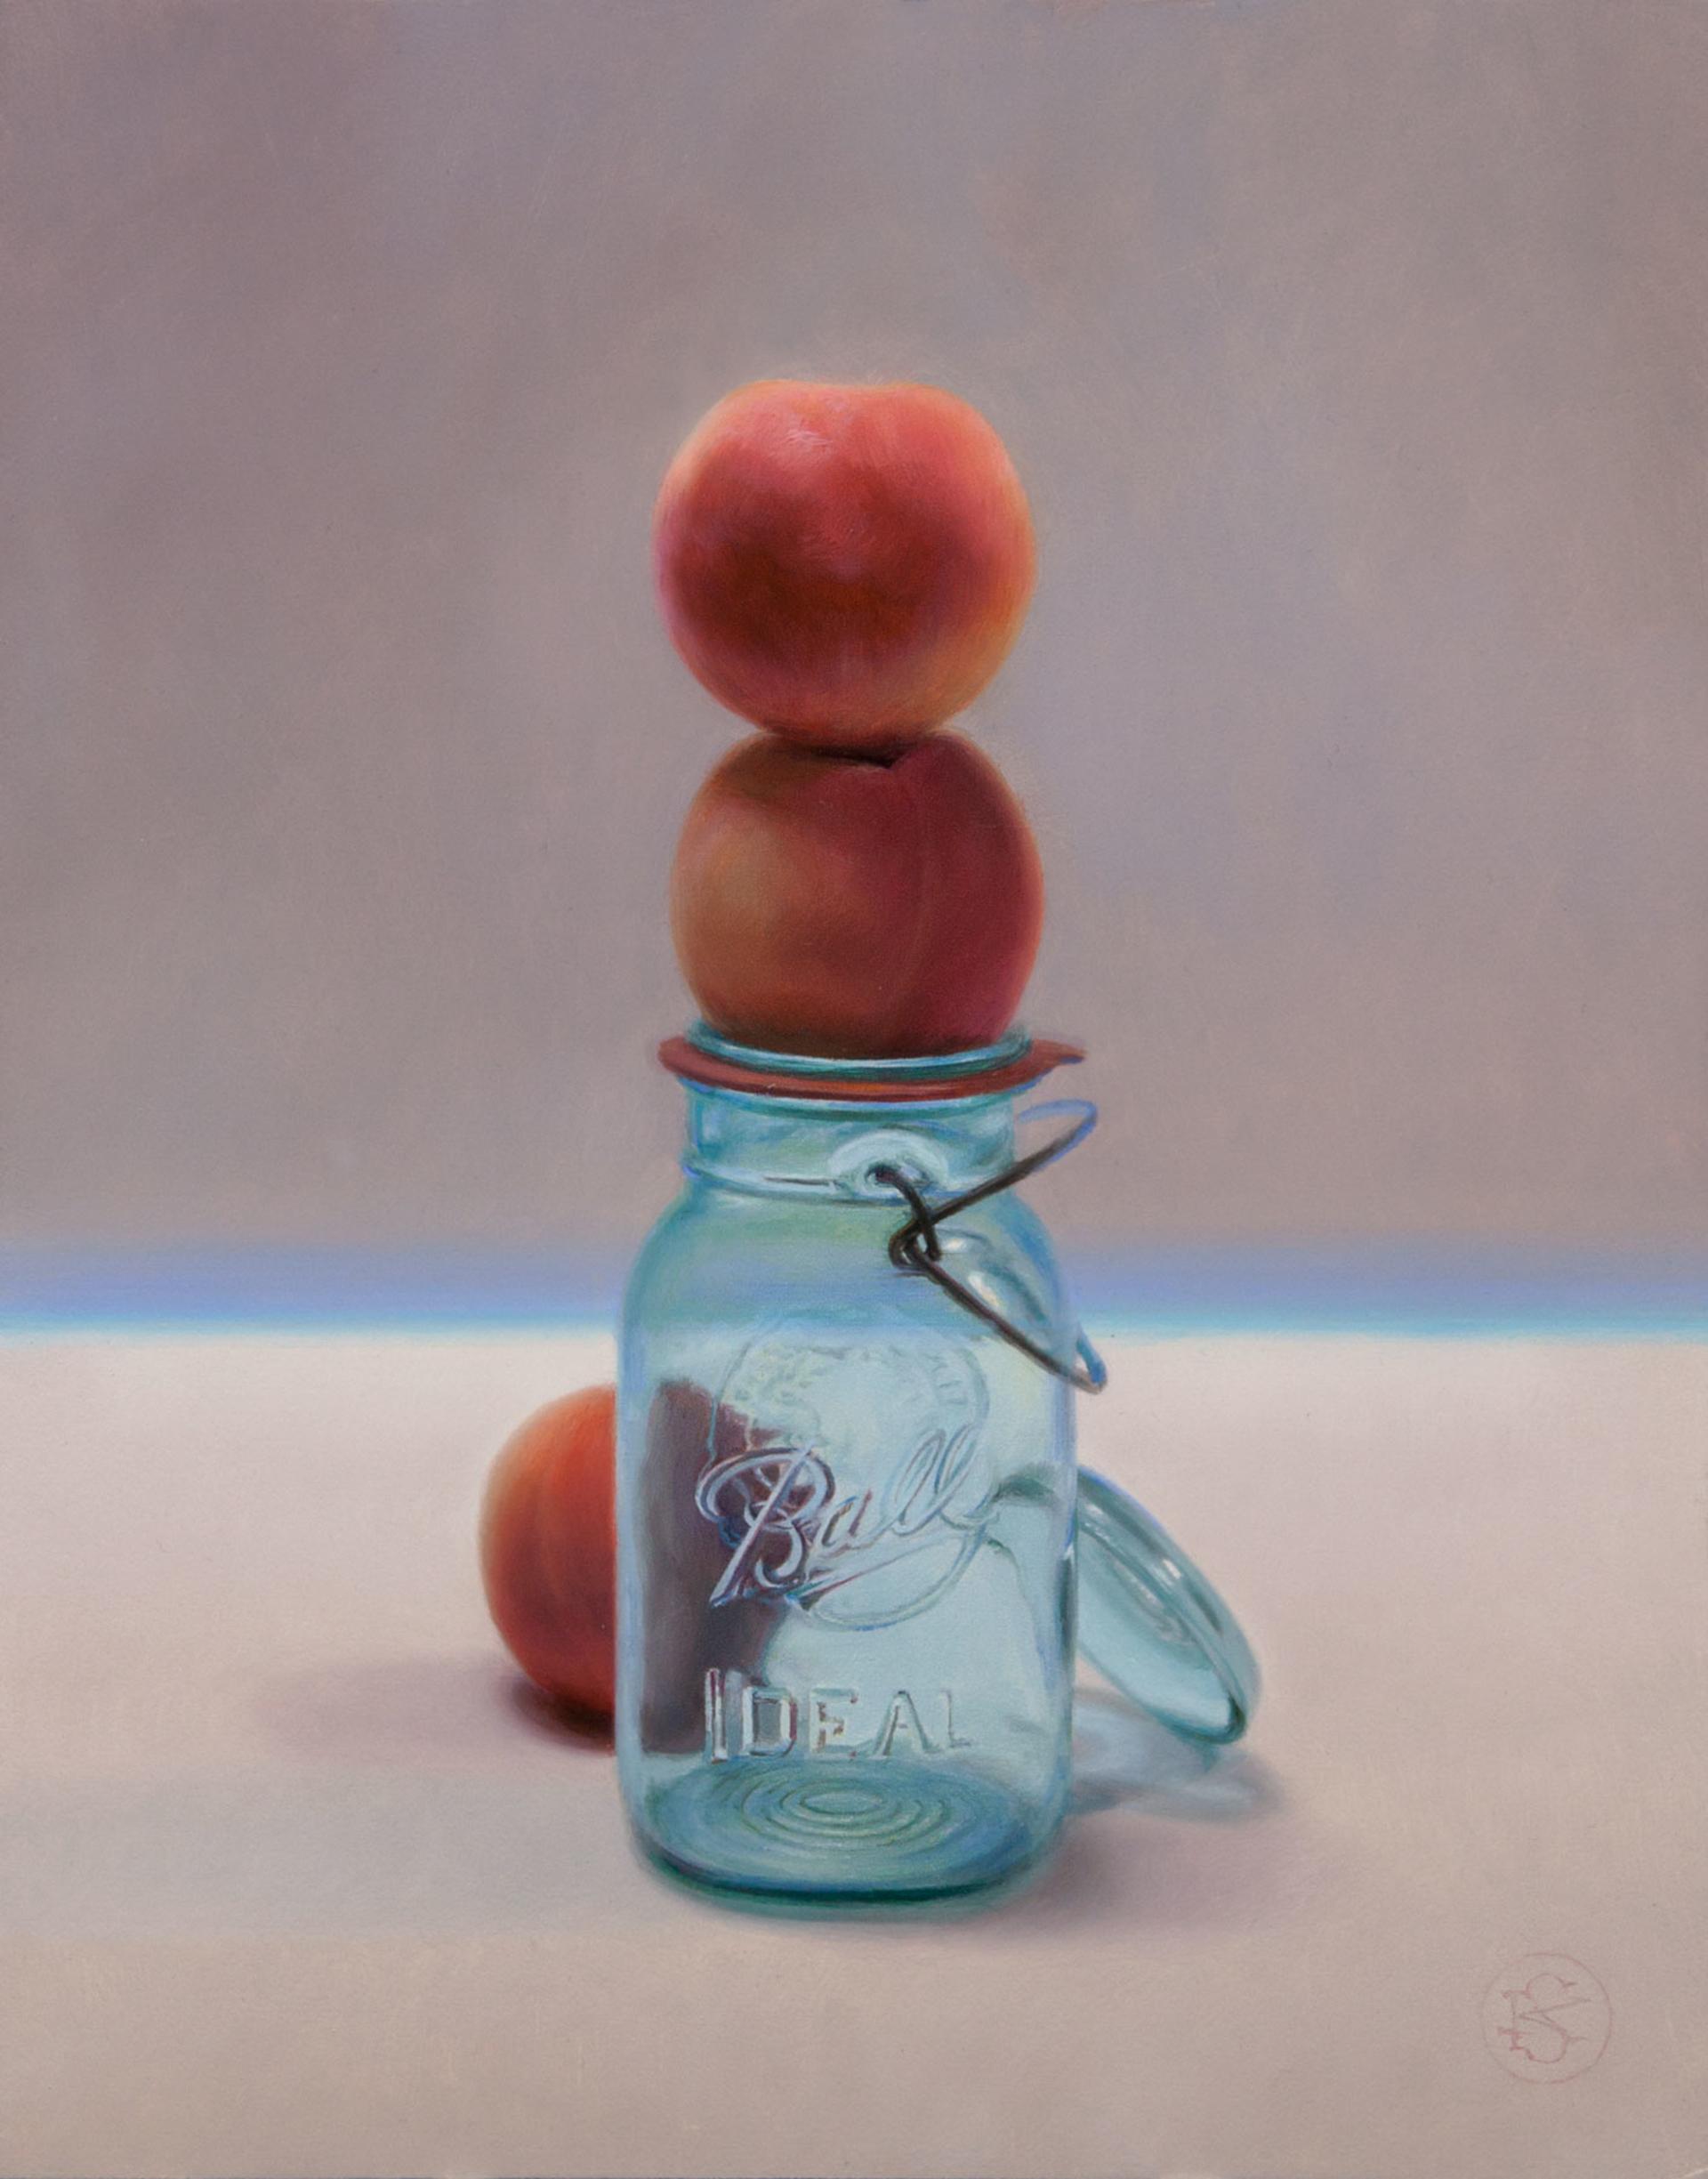 Peachy by Kate Sammons